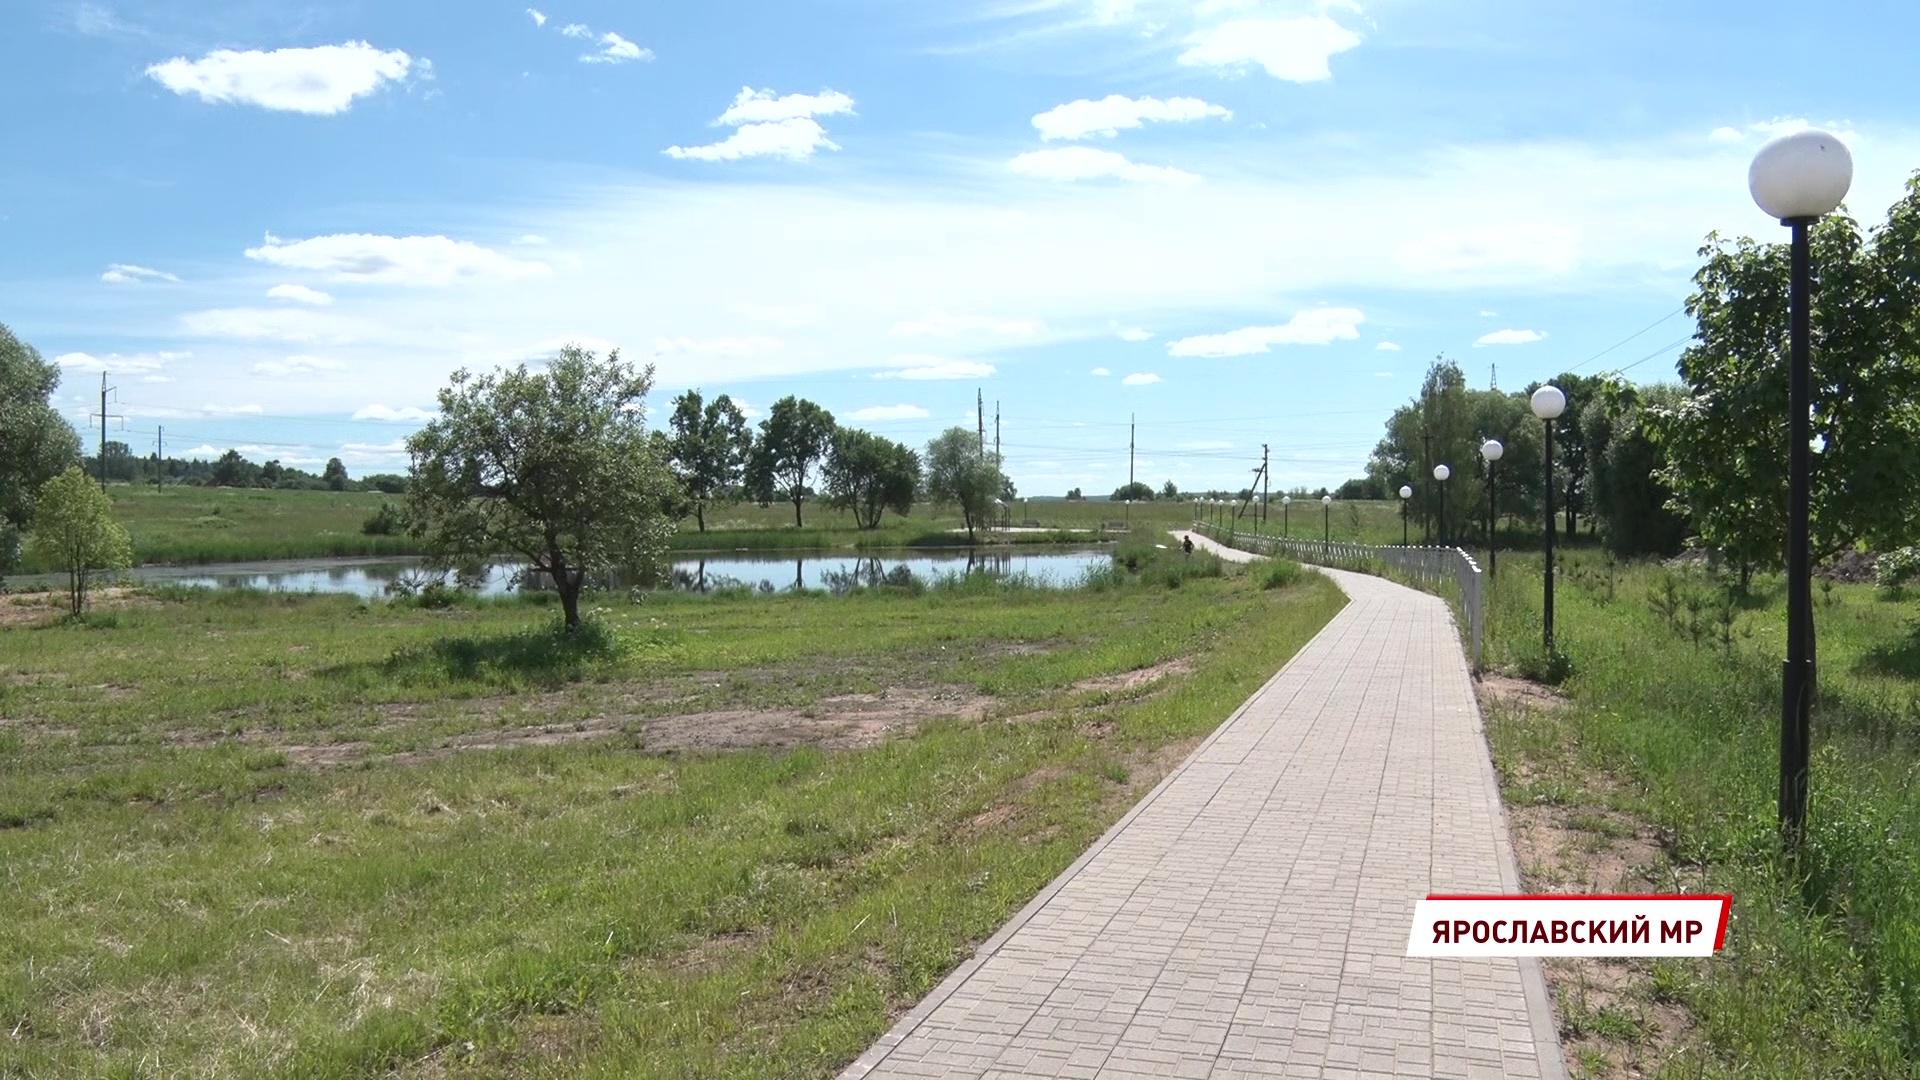 Через несколько дней ярославцы начнут выбирать объекты для благоустройства по проекту «Решаем вместе!»